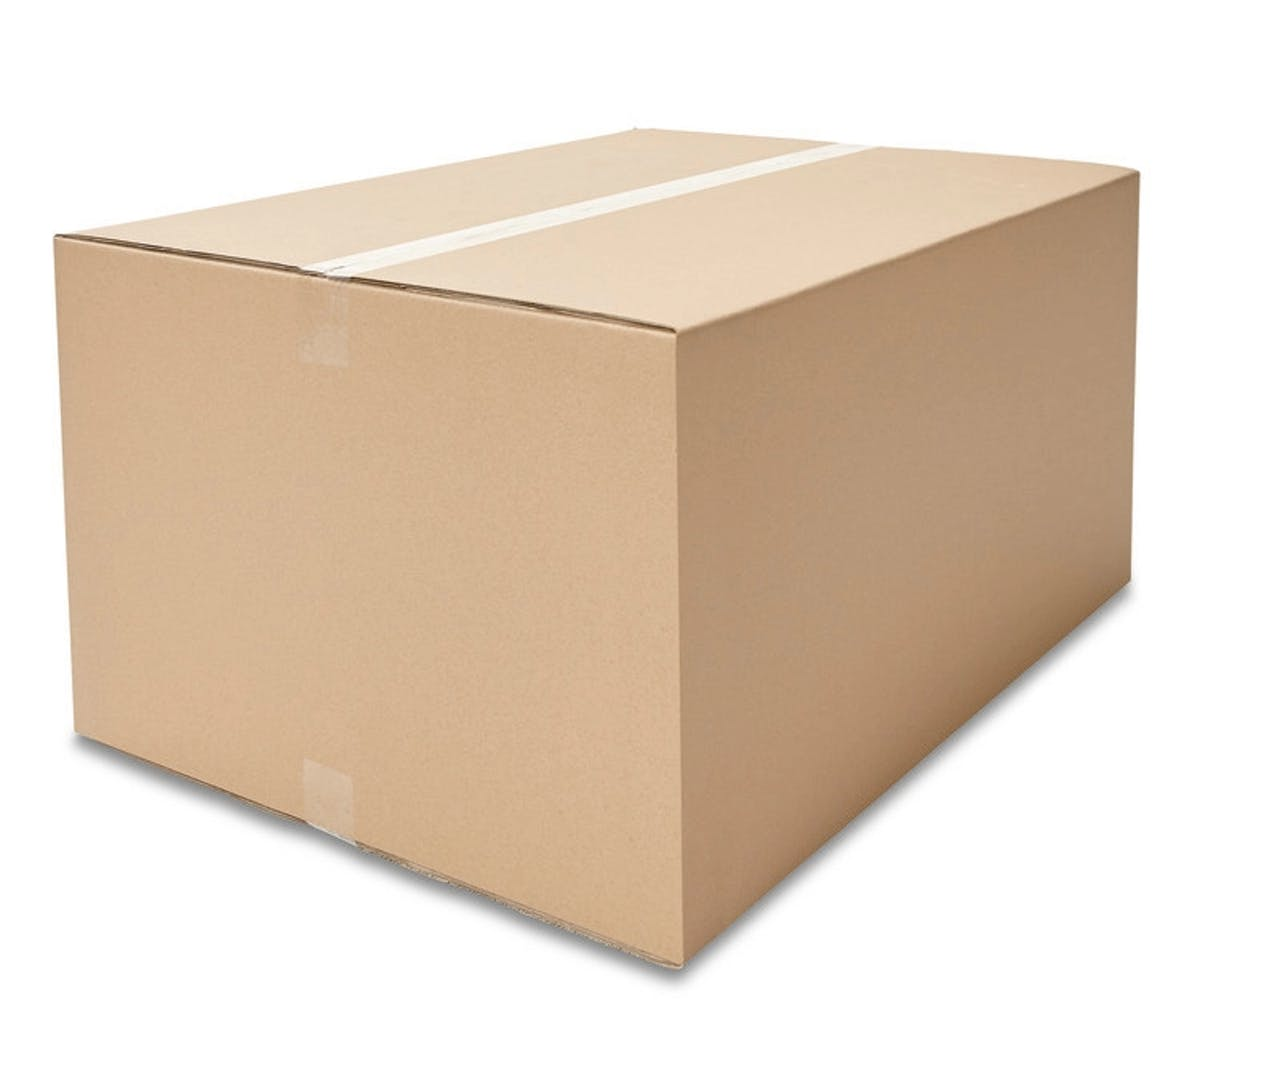 Wellpapp-Faltkartons ECONOMY, Länge 600 bis 799 mm